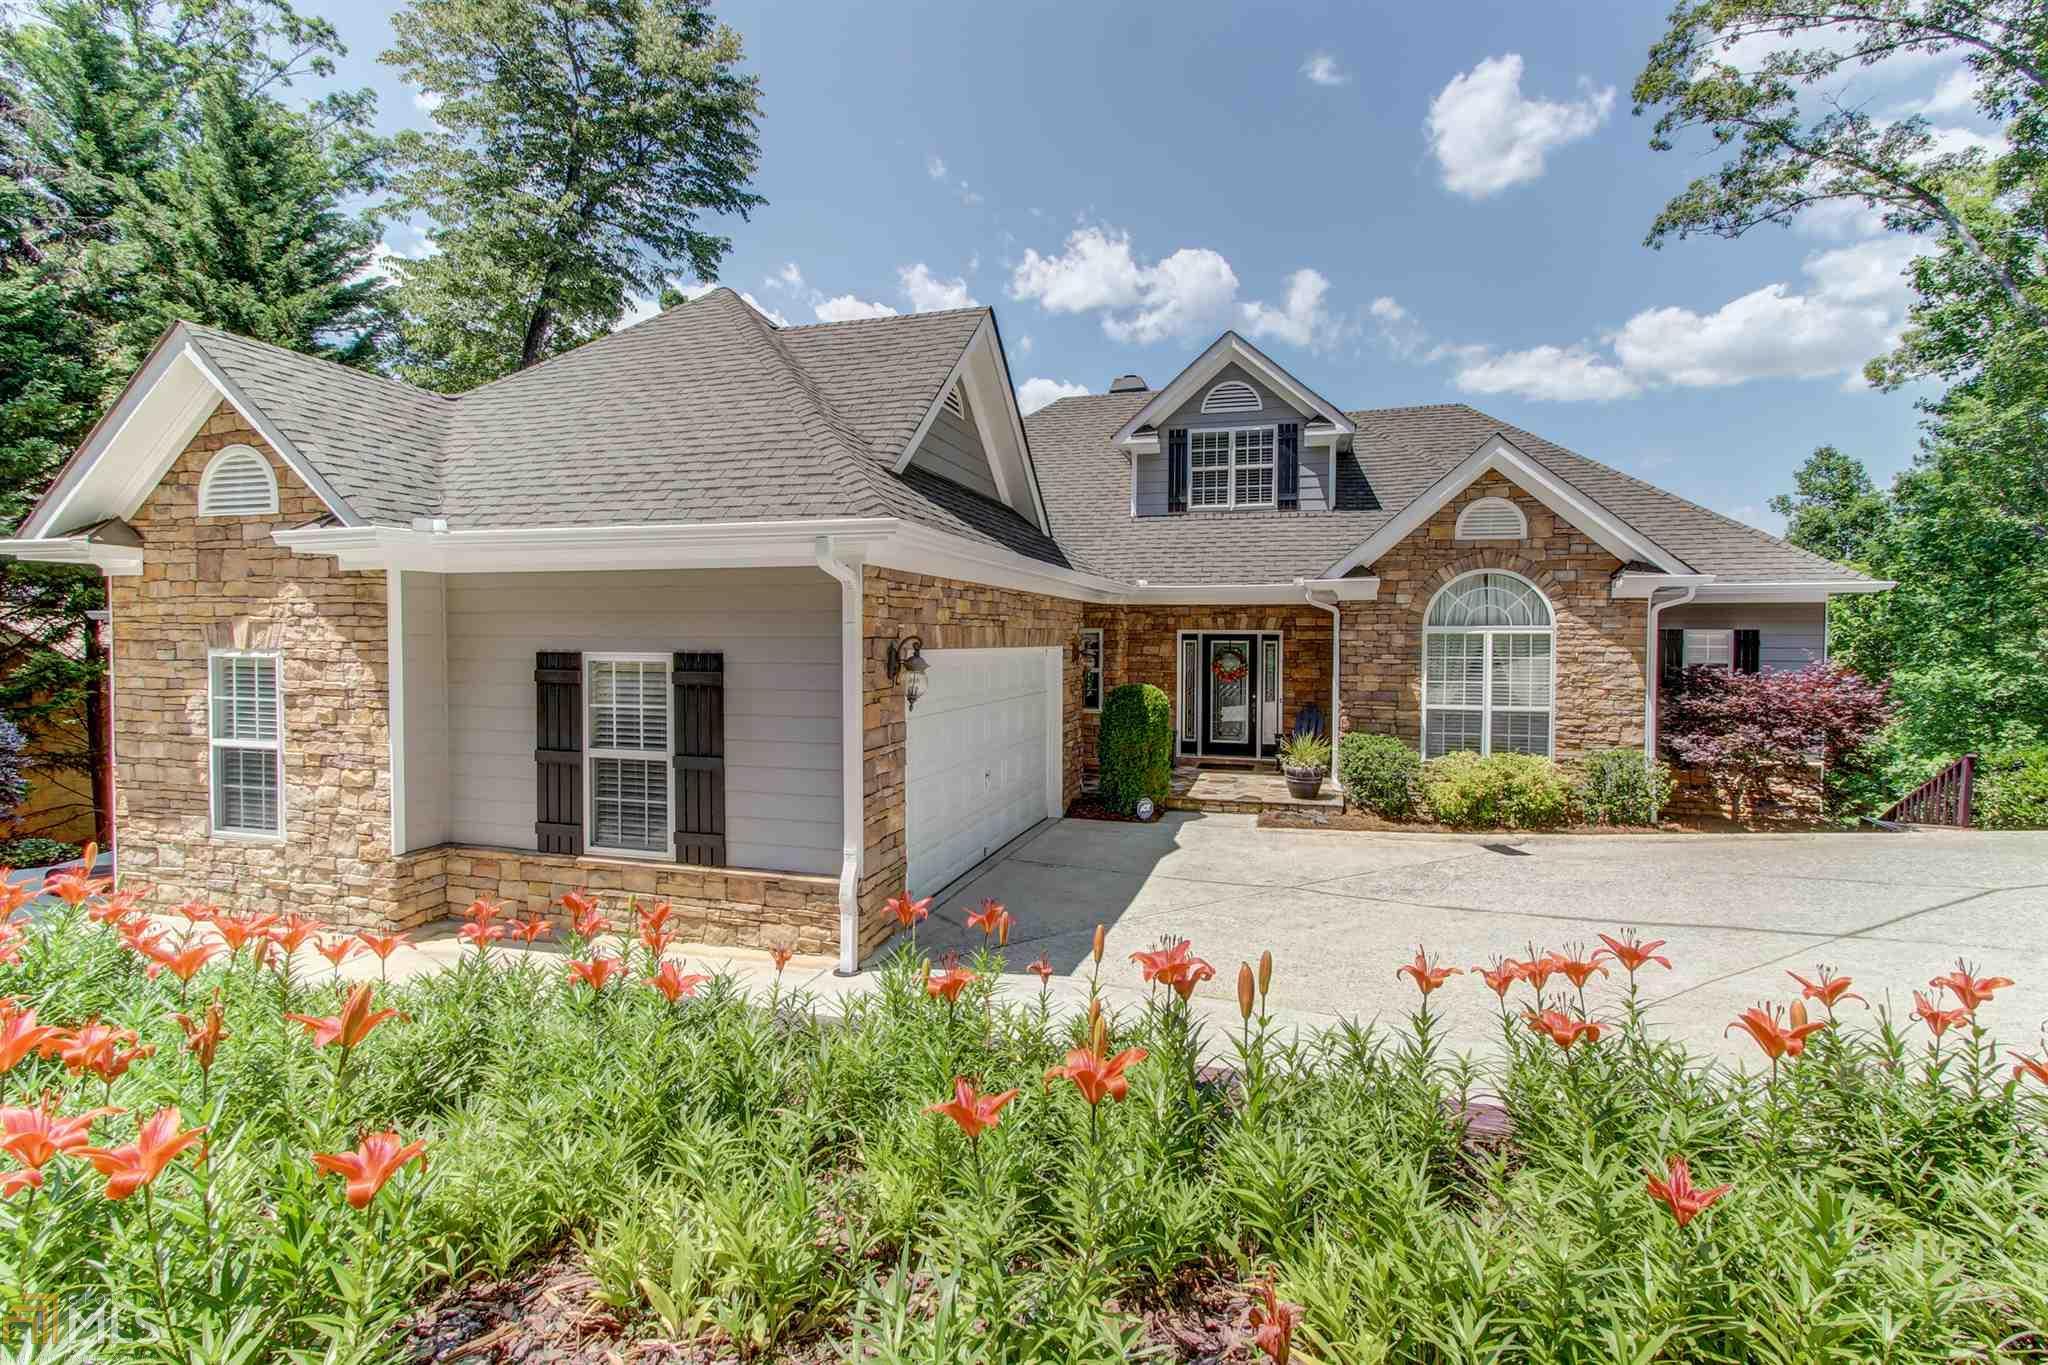 8950 Fields Way, Gainesville, GA 30506